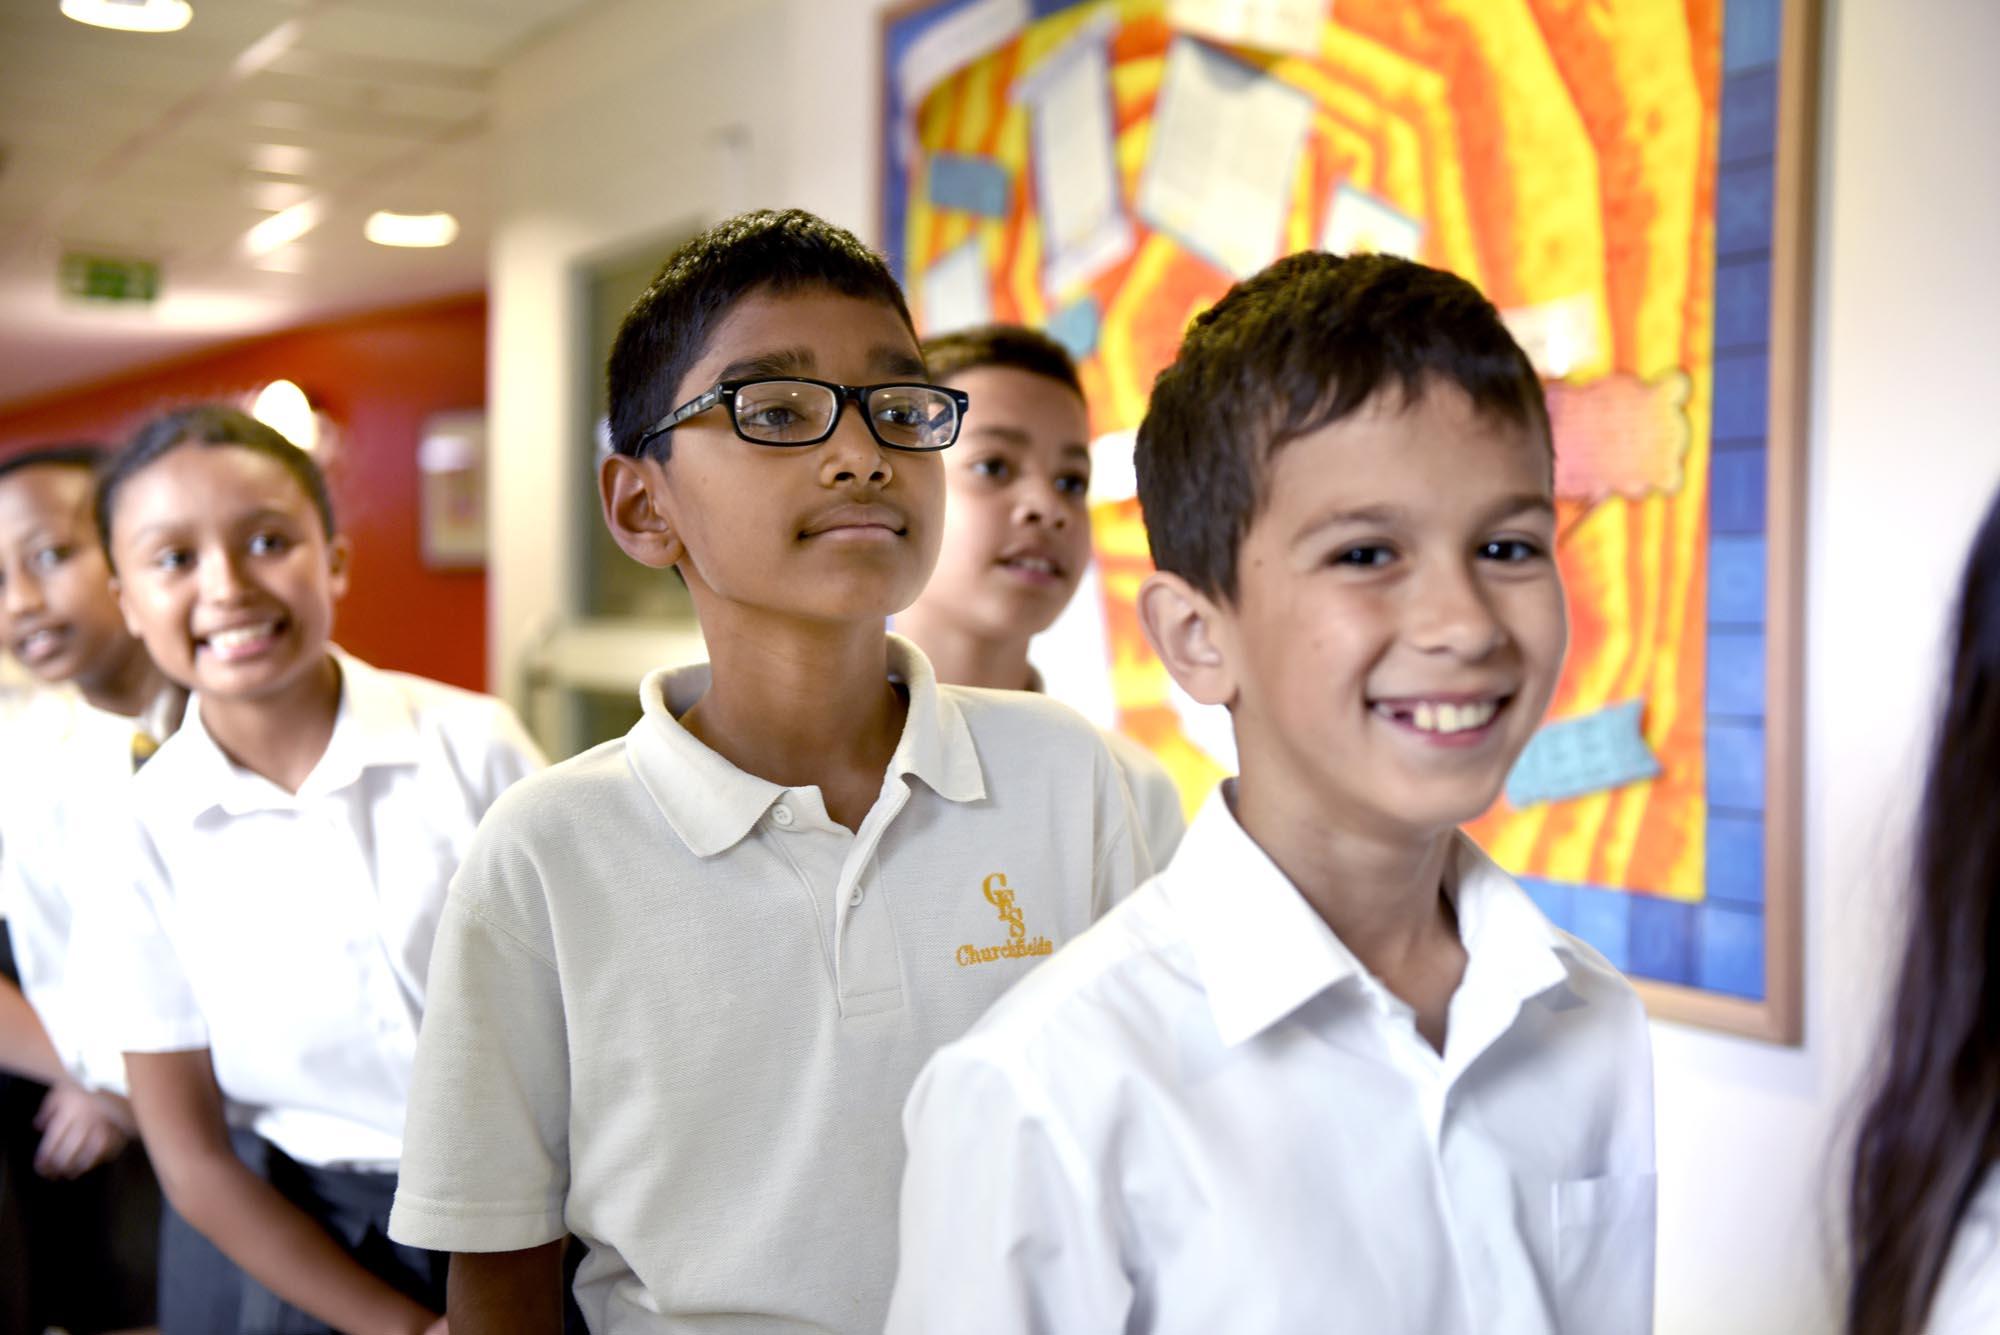 Pupils standing in line in corridor